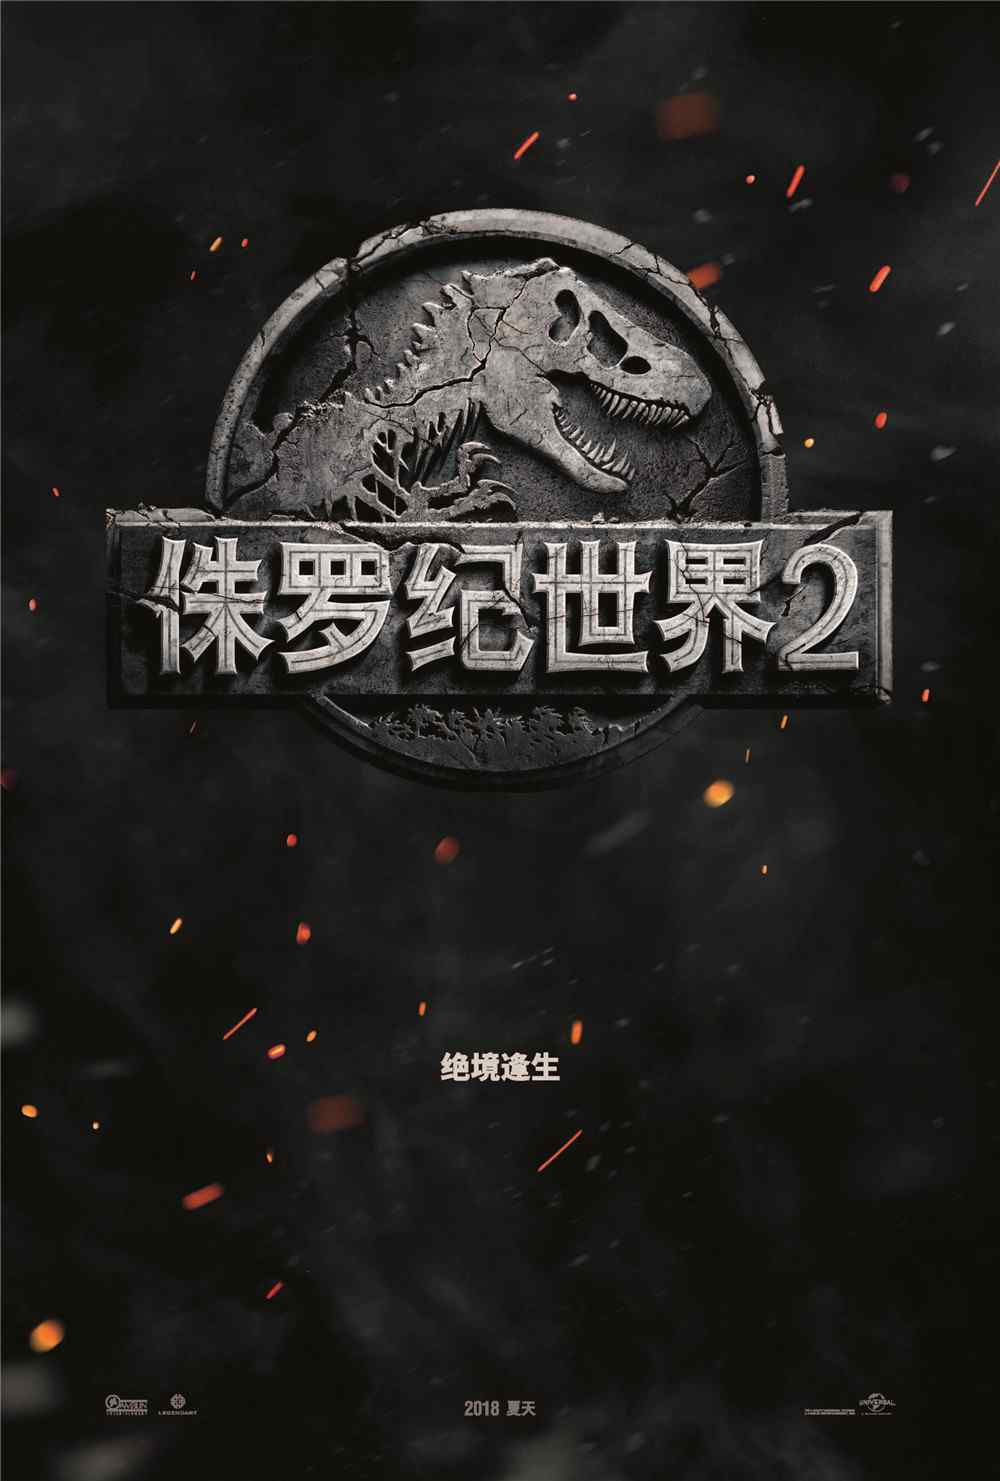 侏罗纪世界2中国版预告海报